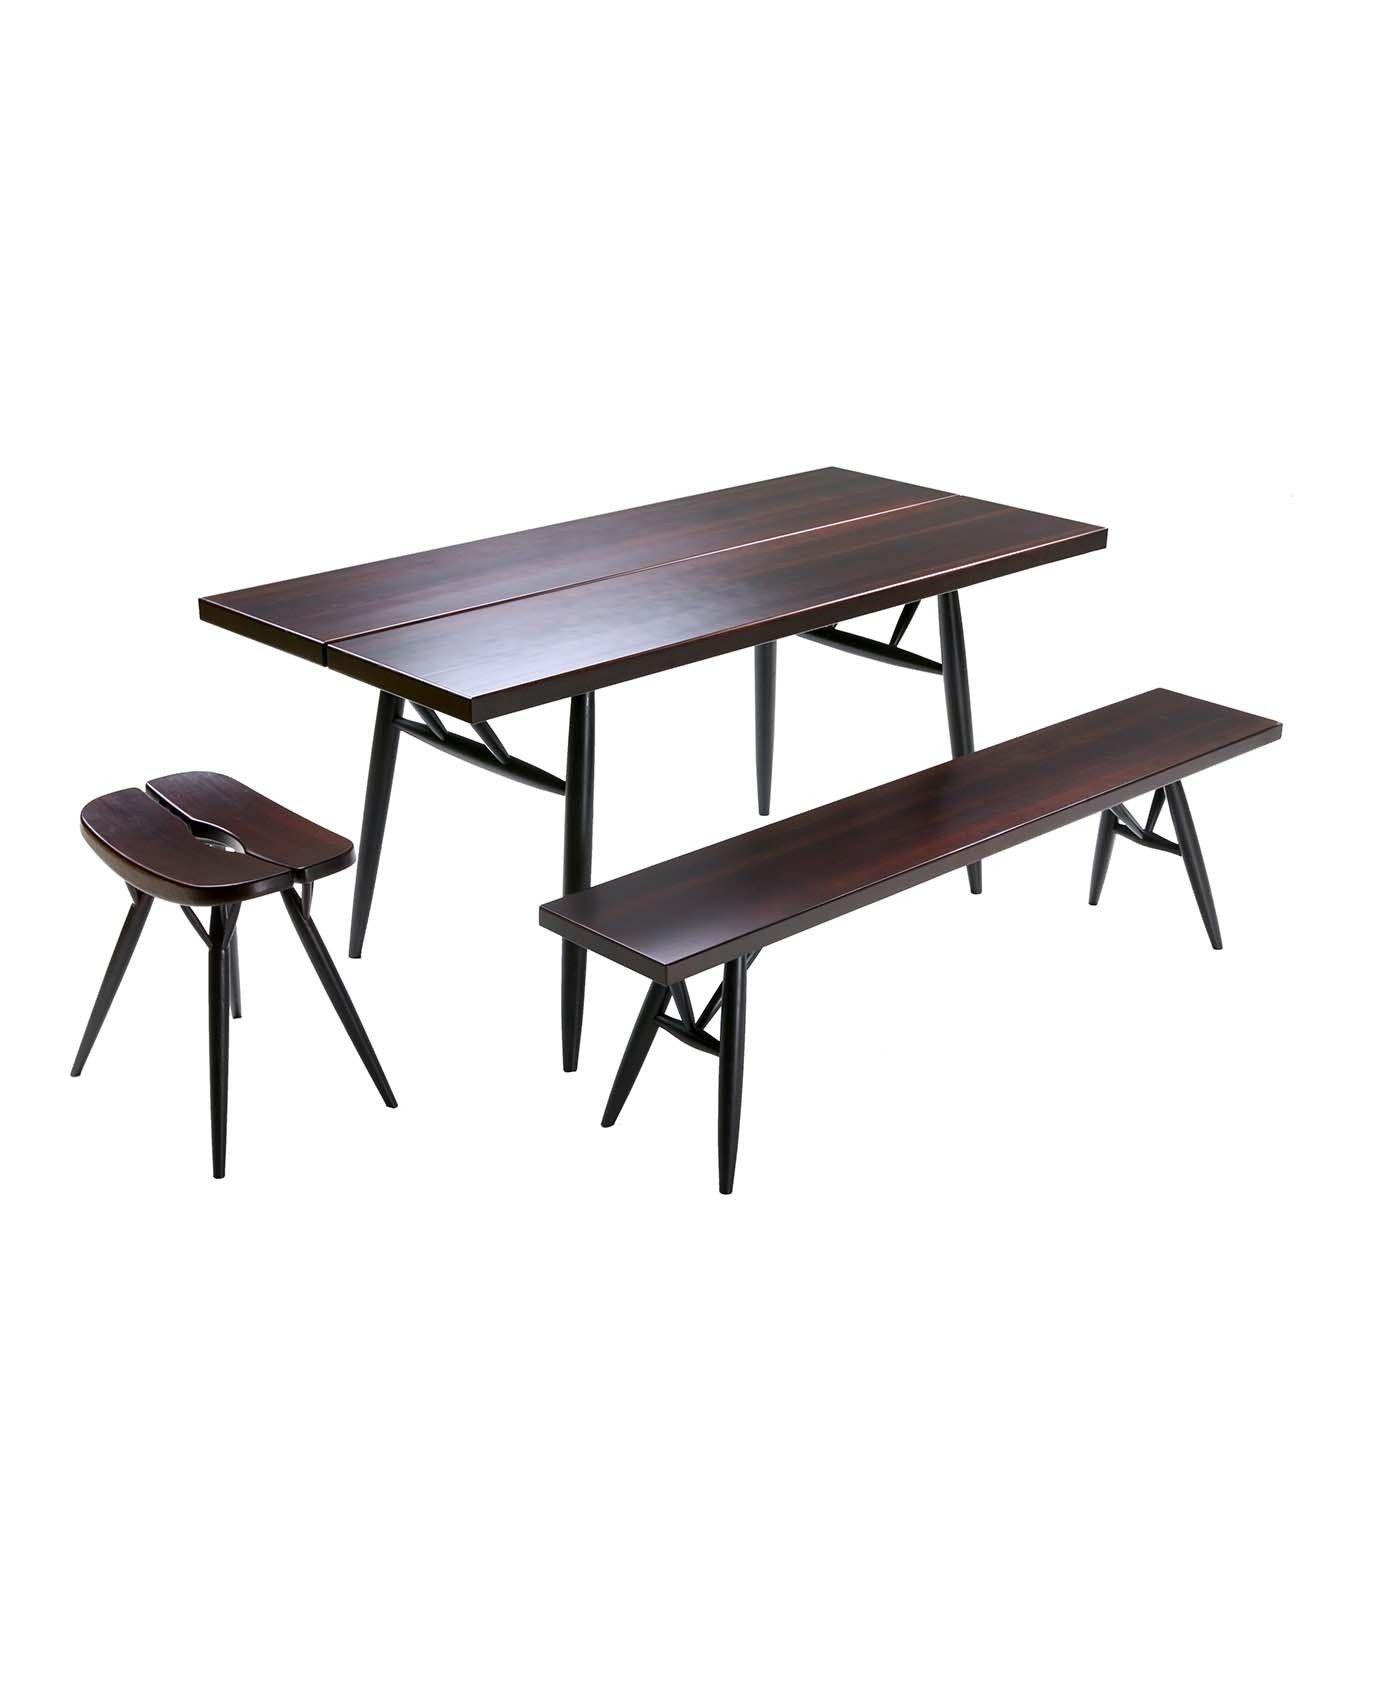 Nouveau Table A Manger Triangulaire